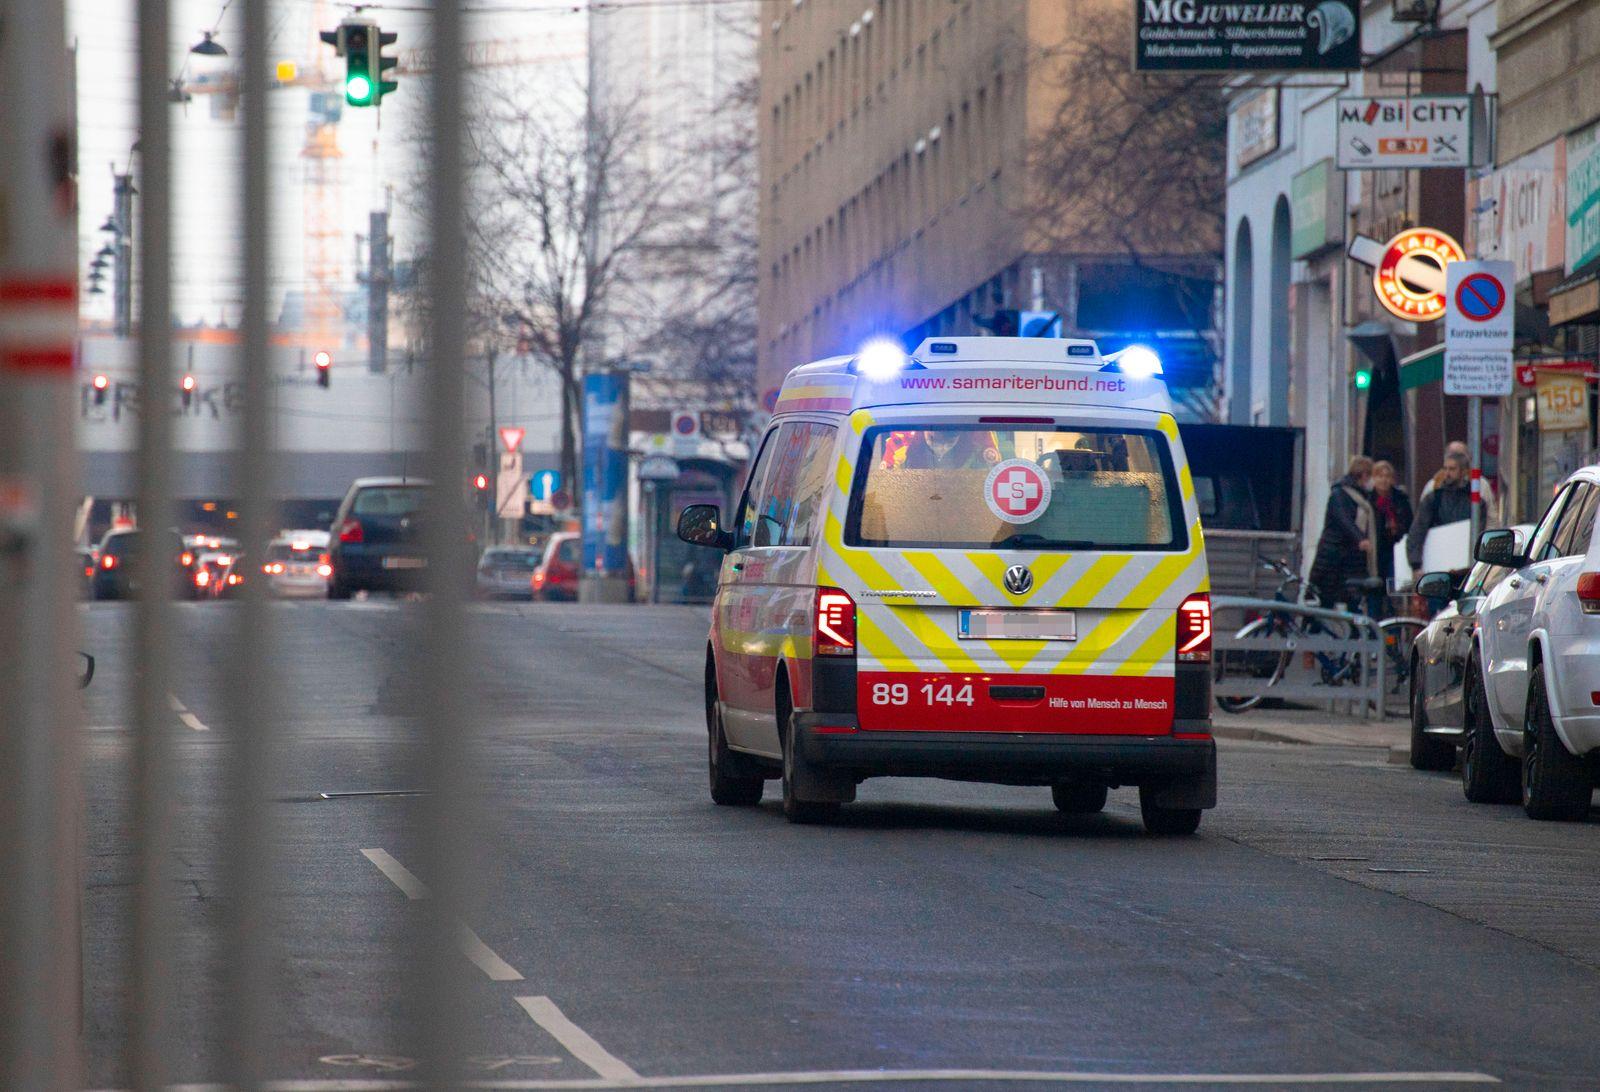 Wien: Rettungswagen im Einsatz *** Vienna, Austria: Ambulance car in service Ein Krankenwagen des Wiener Samariterbunde